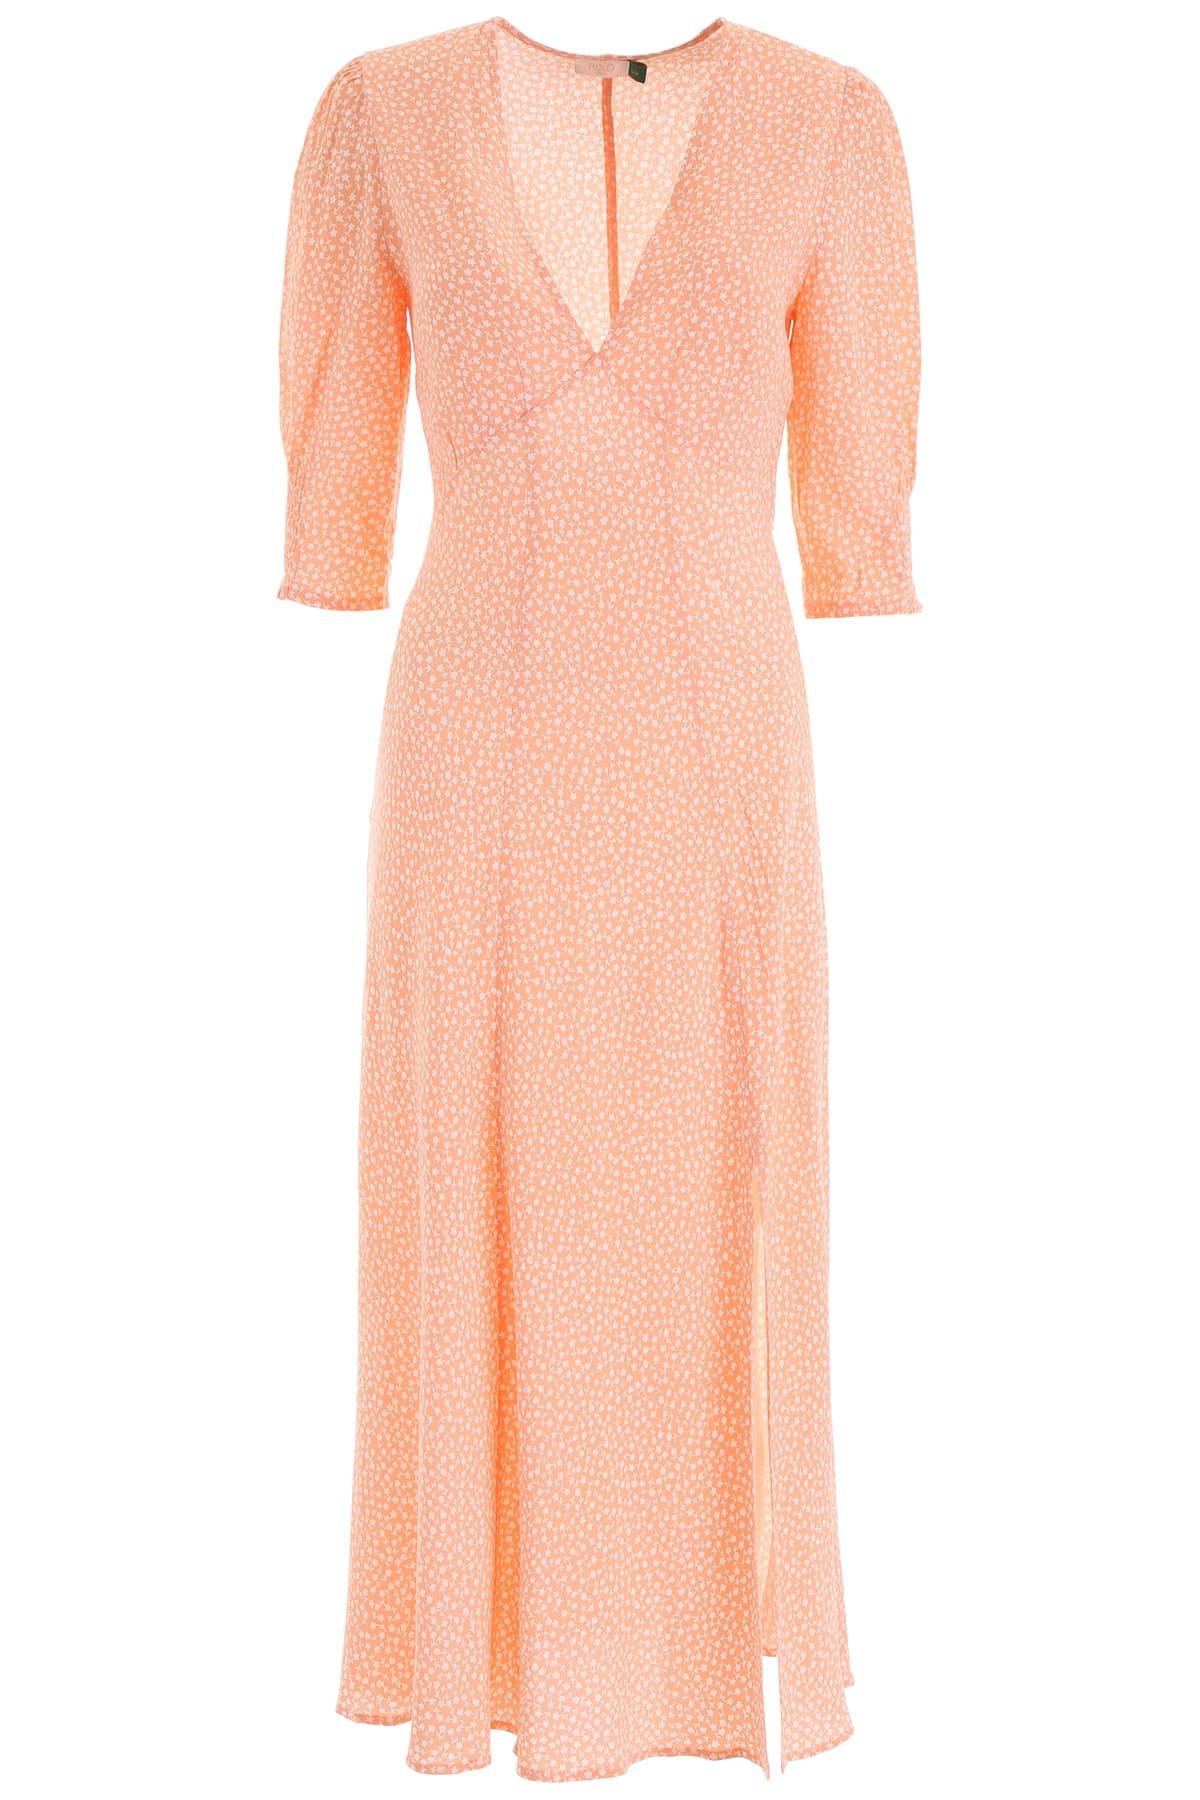 RIXO Martha Long Dress